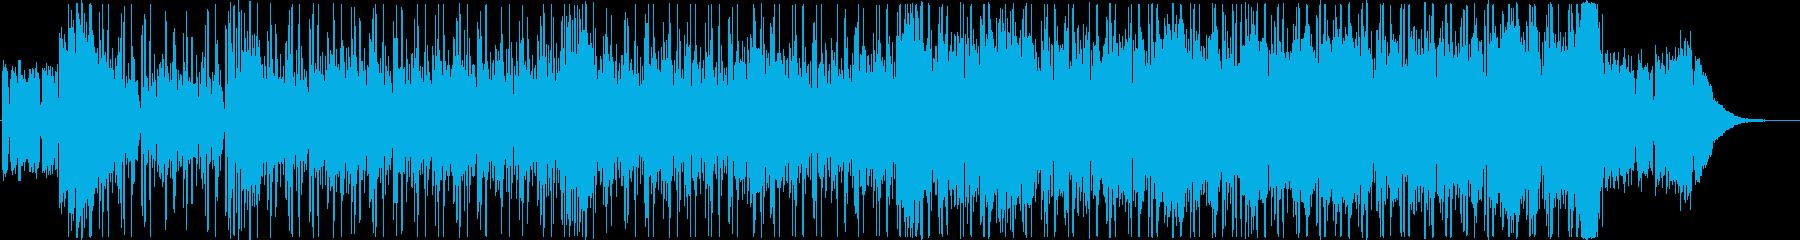 かっこいい映像に合うスパイ音楽の再生済みの波形